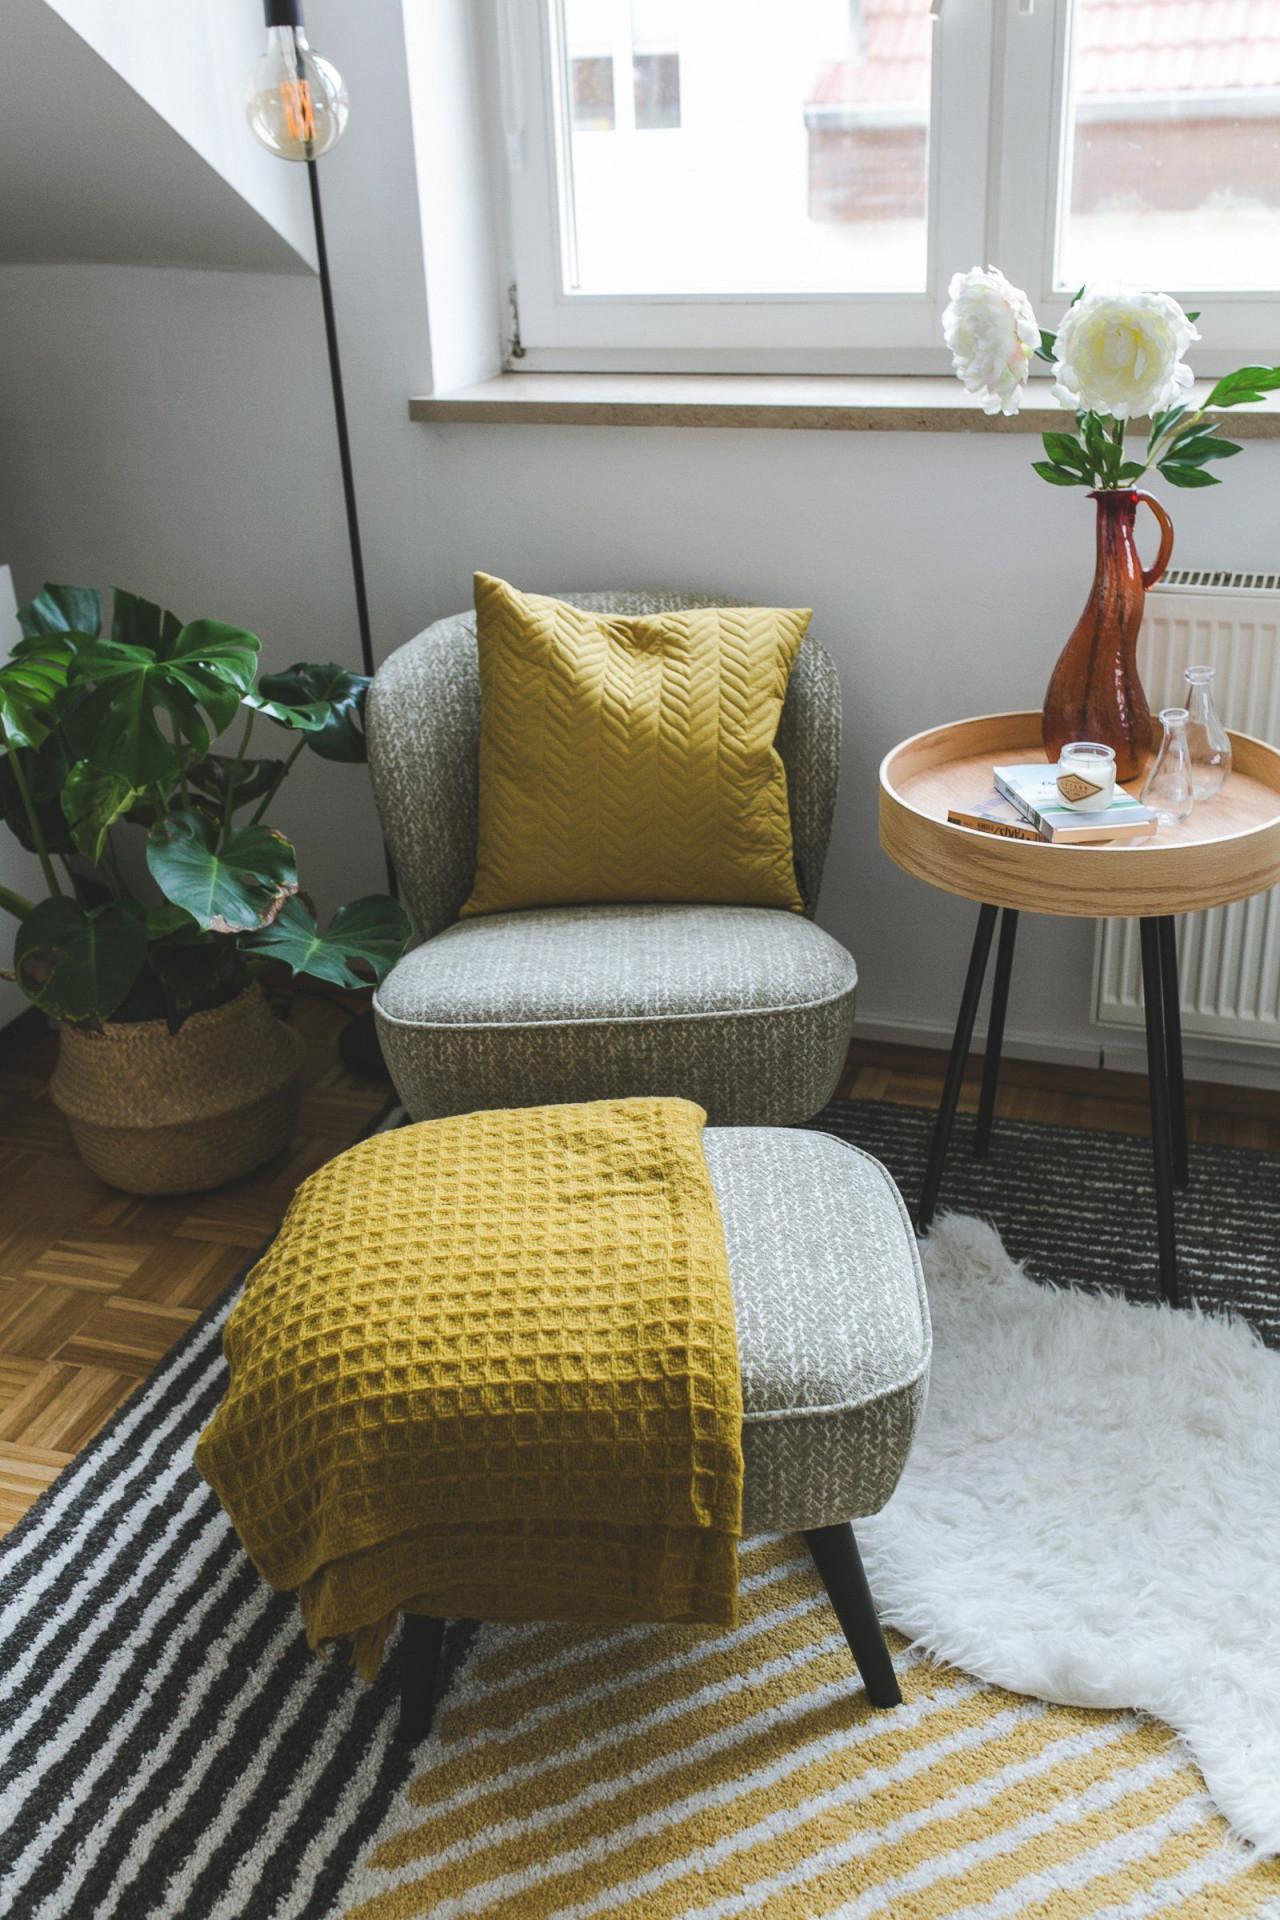 Meine Leseecke Im Home Office  Ein Ort Zum Entspannen Und von Leseecke Wohnzimmer Gestalten Photo